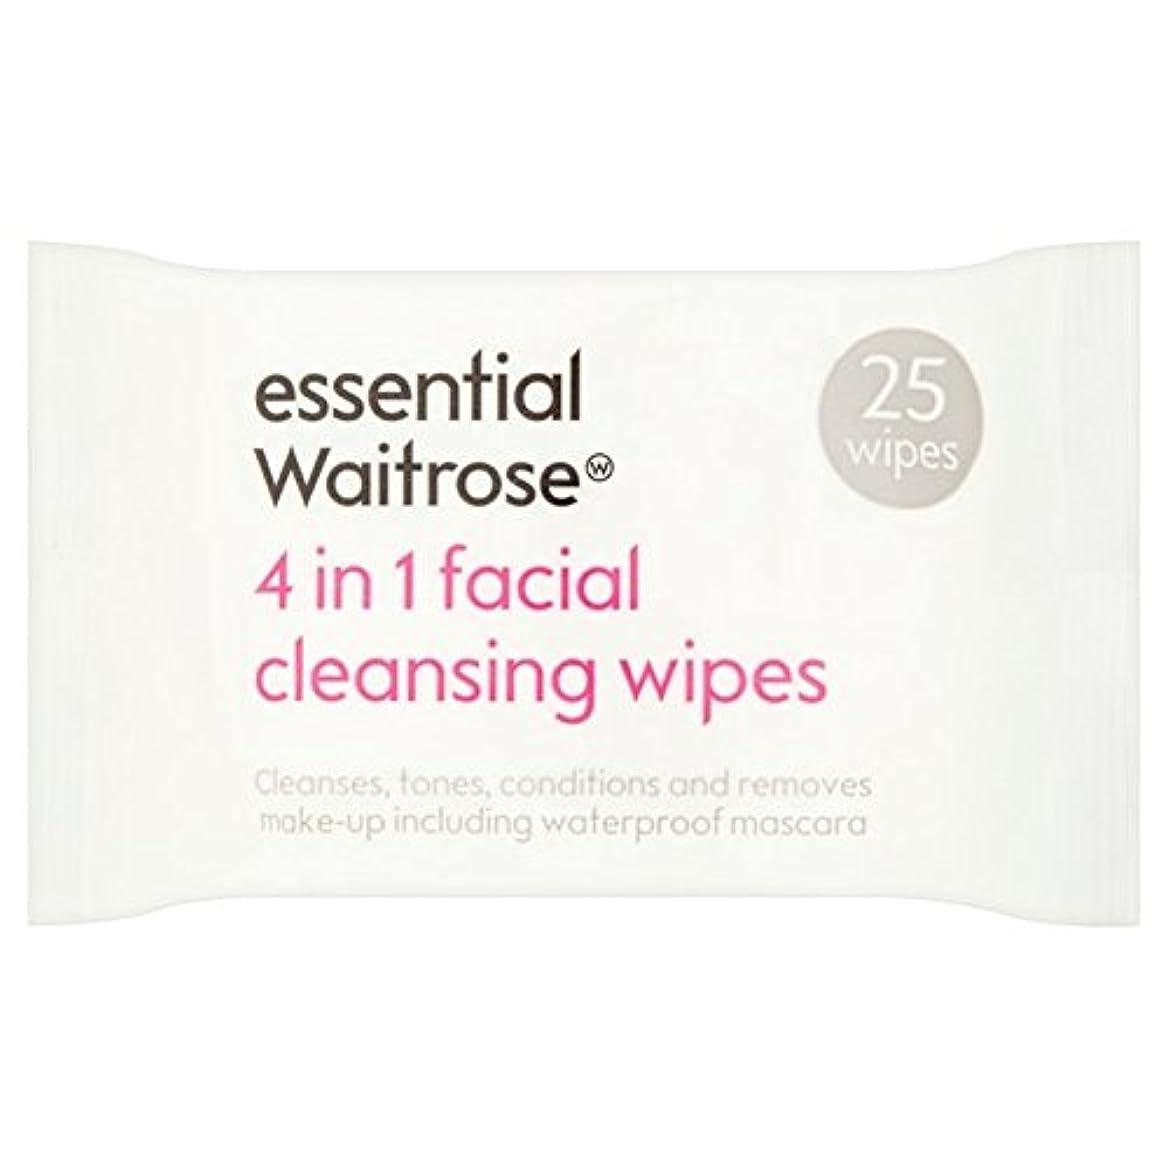 レンダー自動化宣言する3 1での顔のワイプパックあたり不可欠ウェイトローズ25 x2 - 3 in 1 Facial Wipes essential Waitrose 25 per pack (Pack of 2) [並行輸入品]